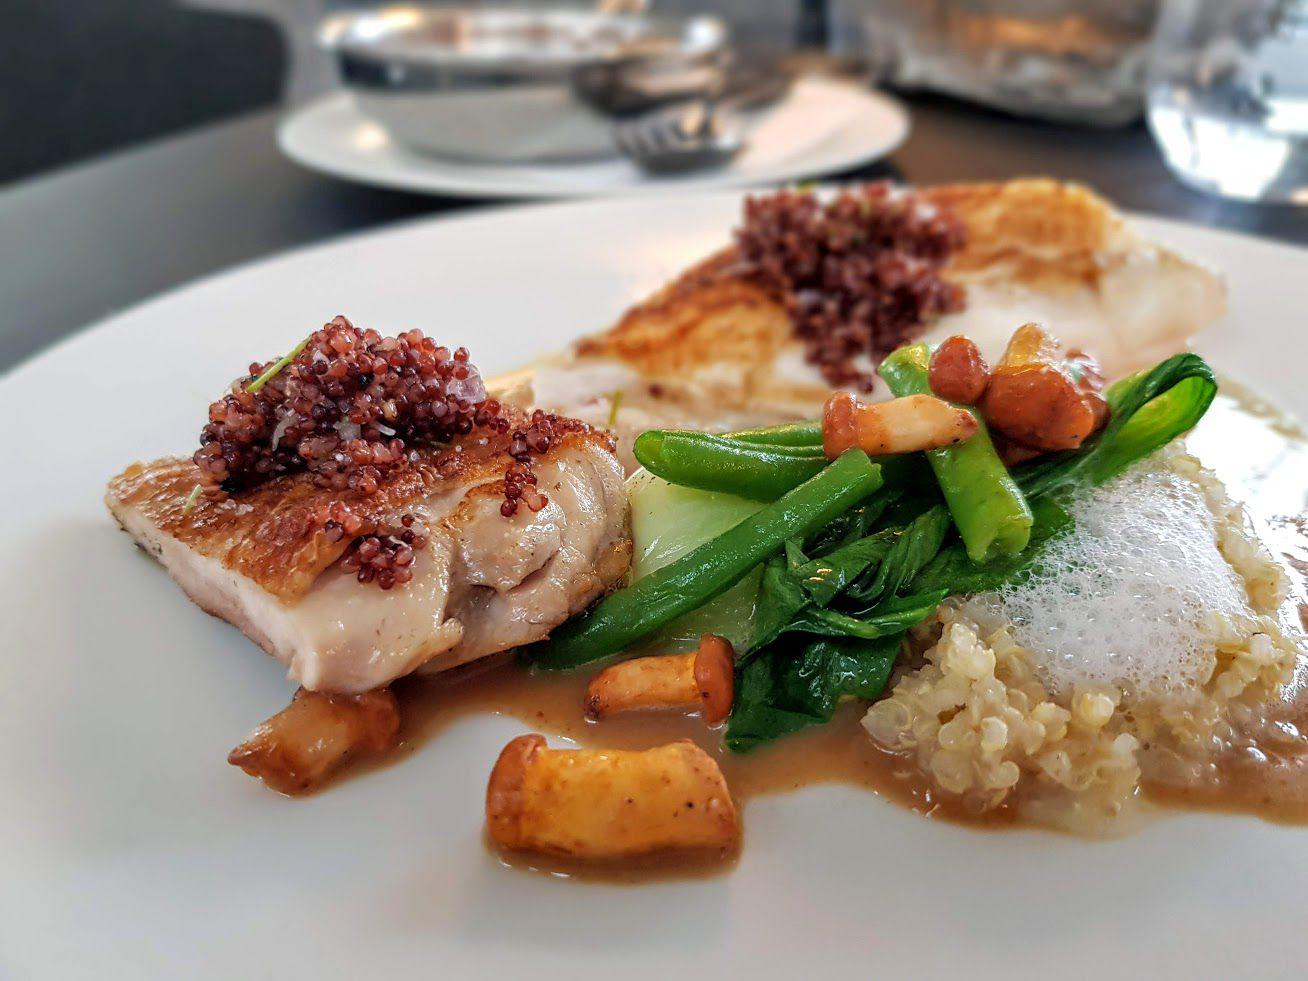 Poitrine de volaille grillée rafraîchie au Kurakkan et quinoa, jus mousseux au pain et à l'anchois LA Halle aux Grains restaurant Paris 1er